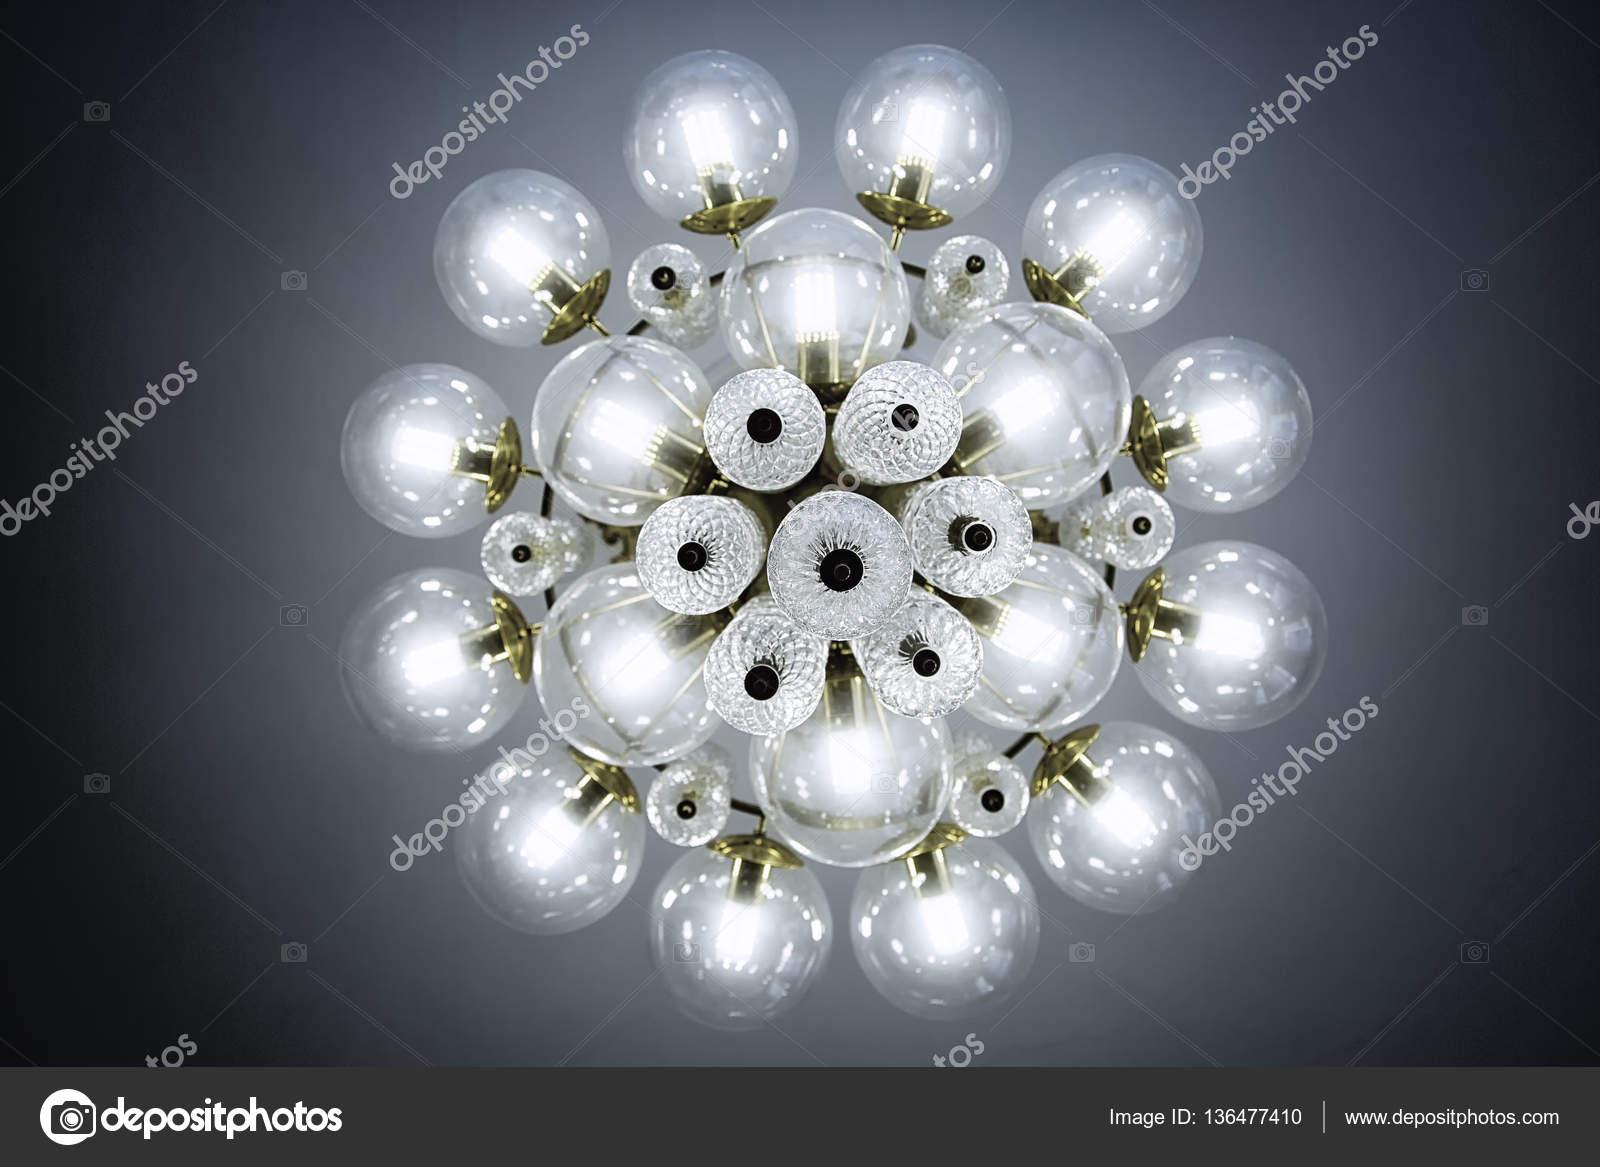 Kronleuchter Mit Kerzen Und Glühbirnen ~ Kristall glas kronleuchter blick von unten runde form runde